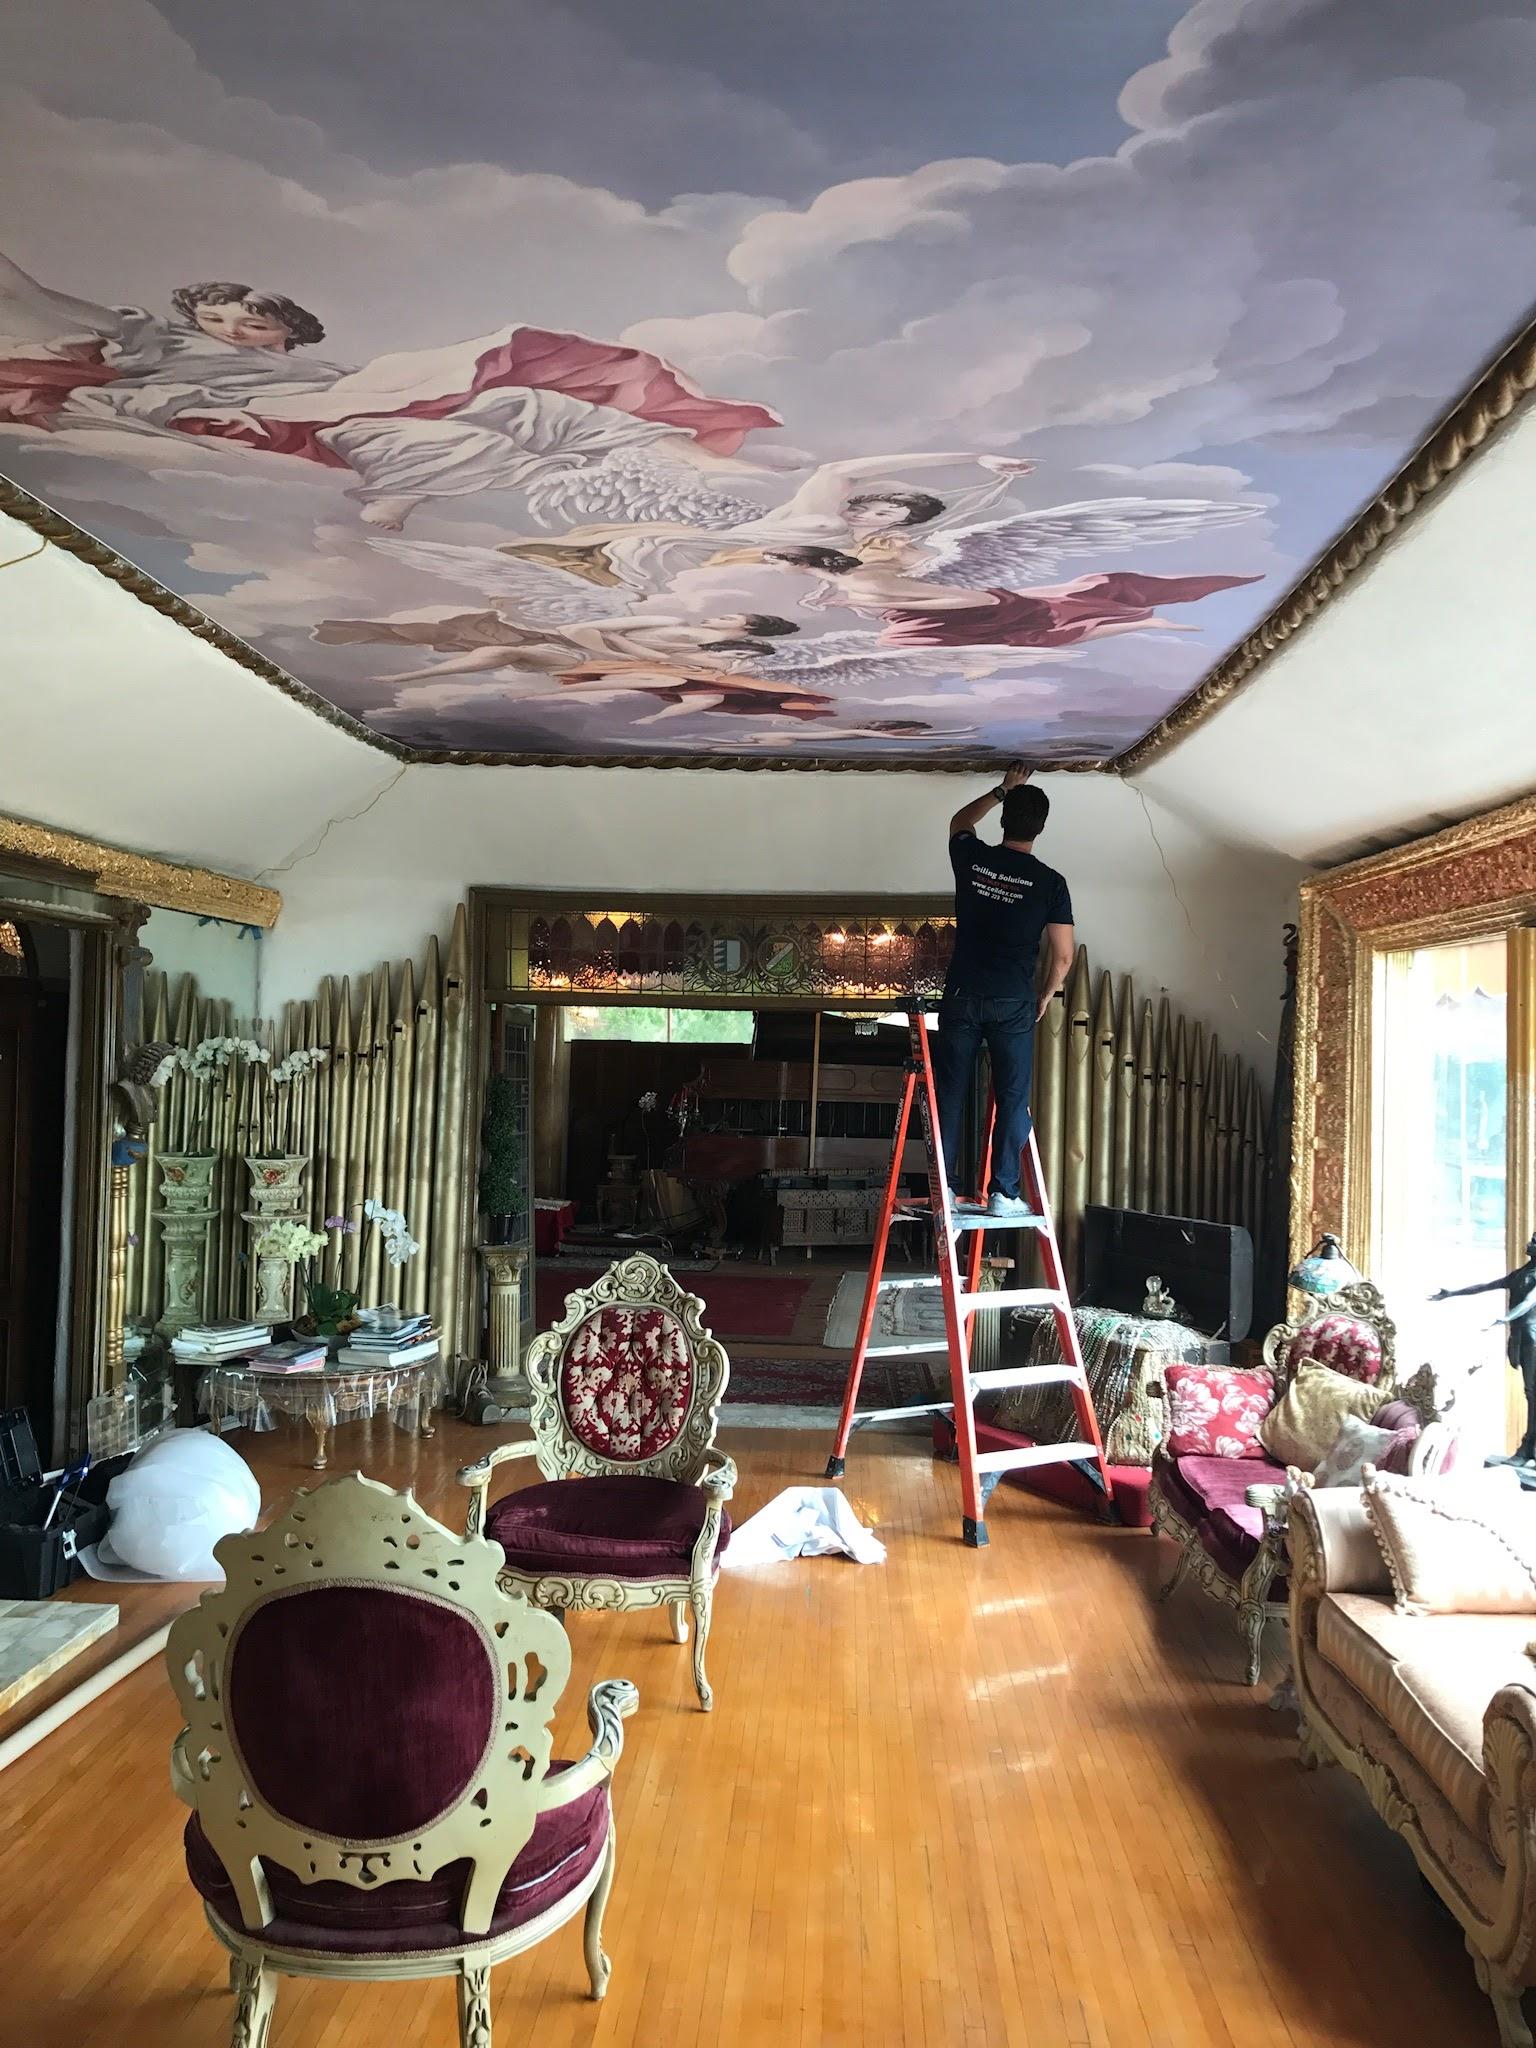 Art ceiling| CeilDex Print